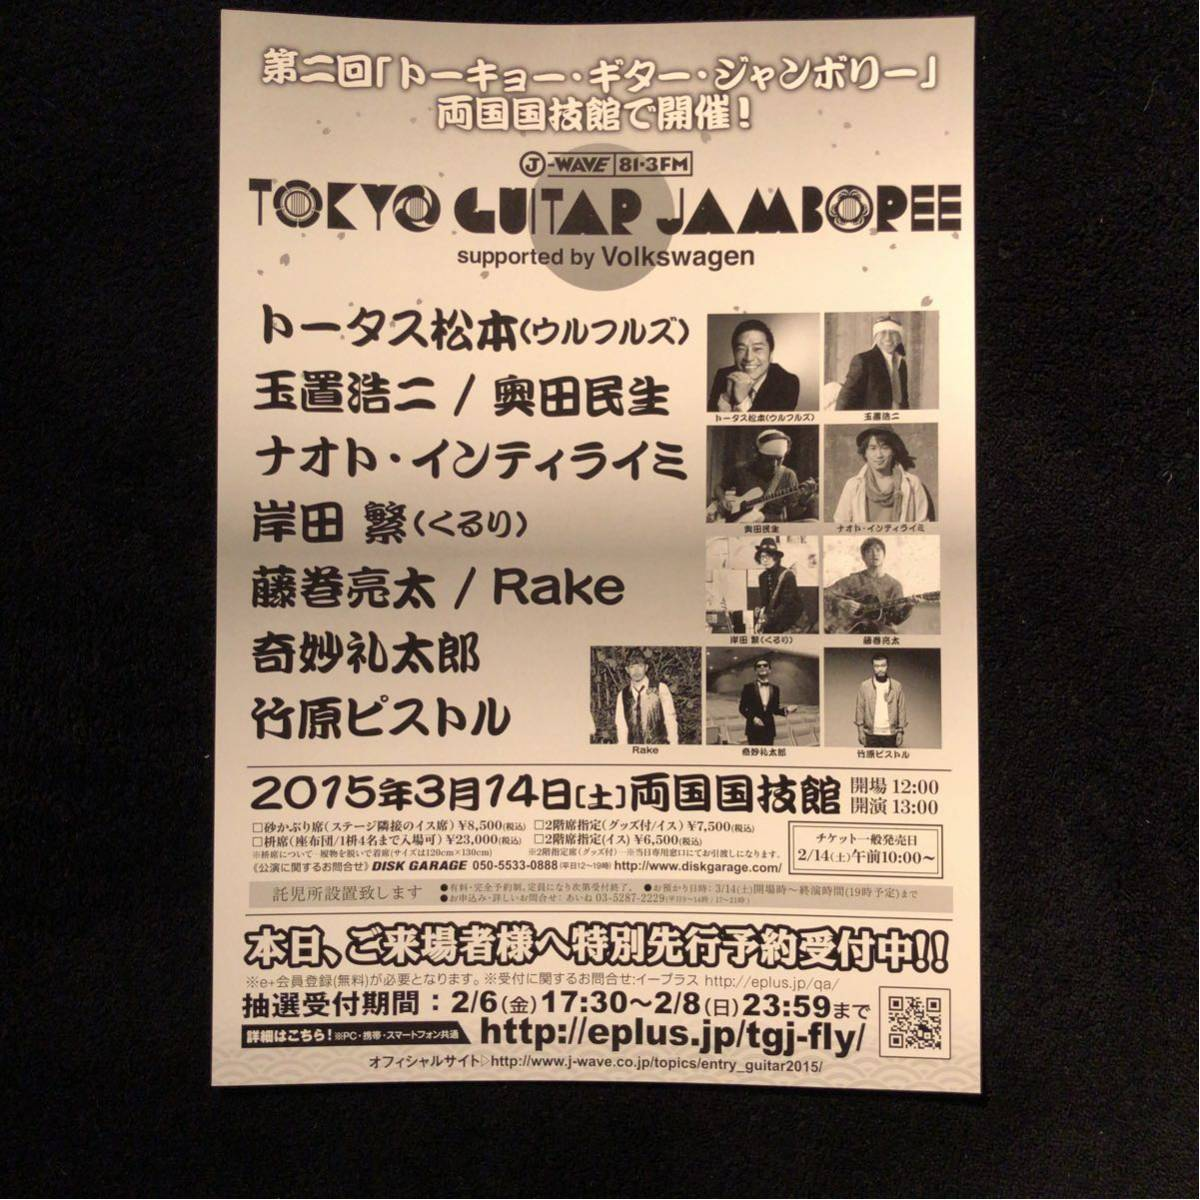 コンサートチラシ★TOKYO GUITAR JAMBOREE